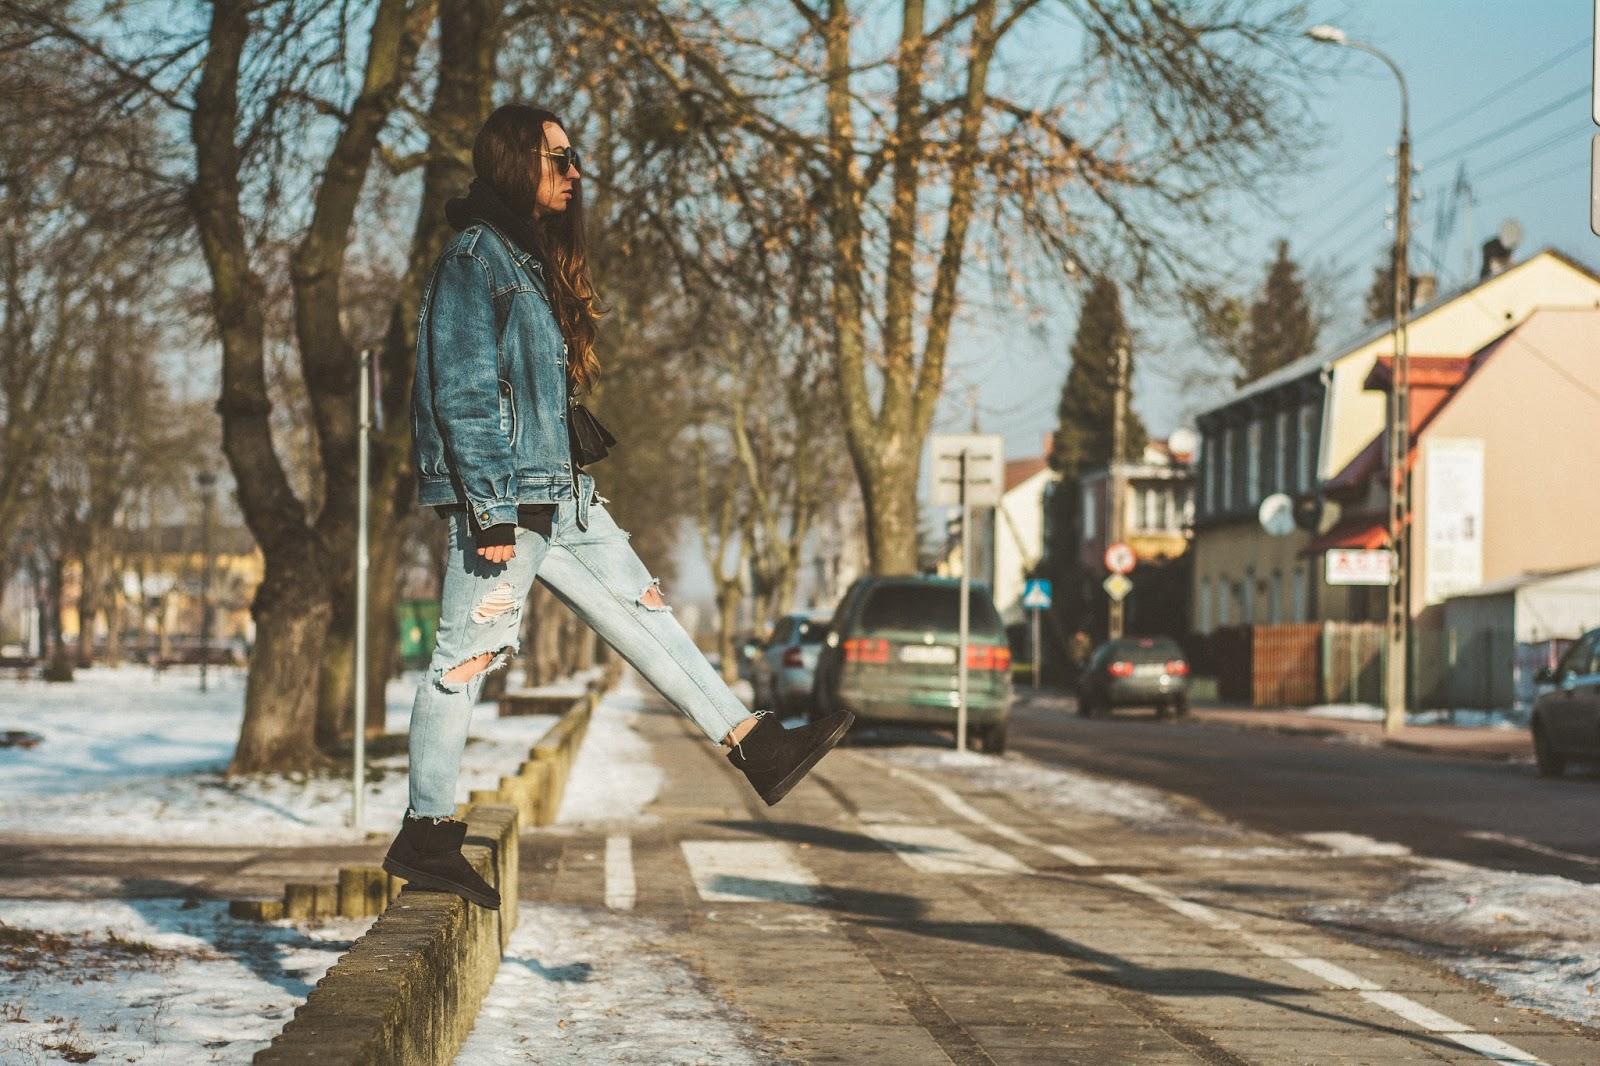 art street photo